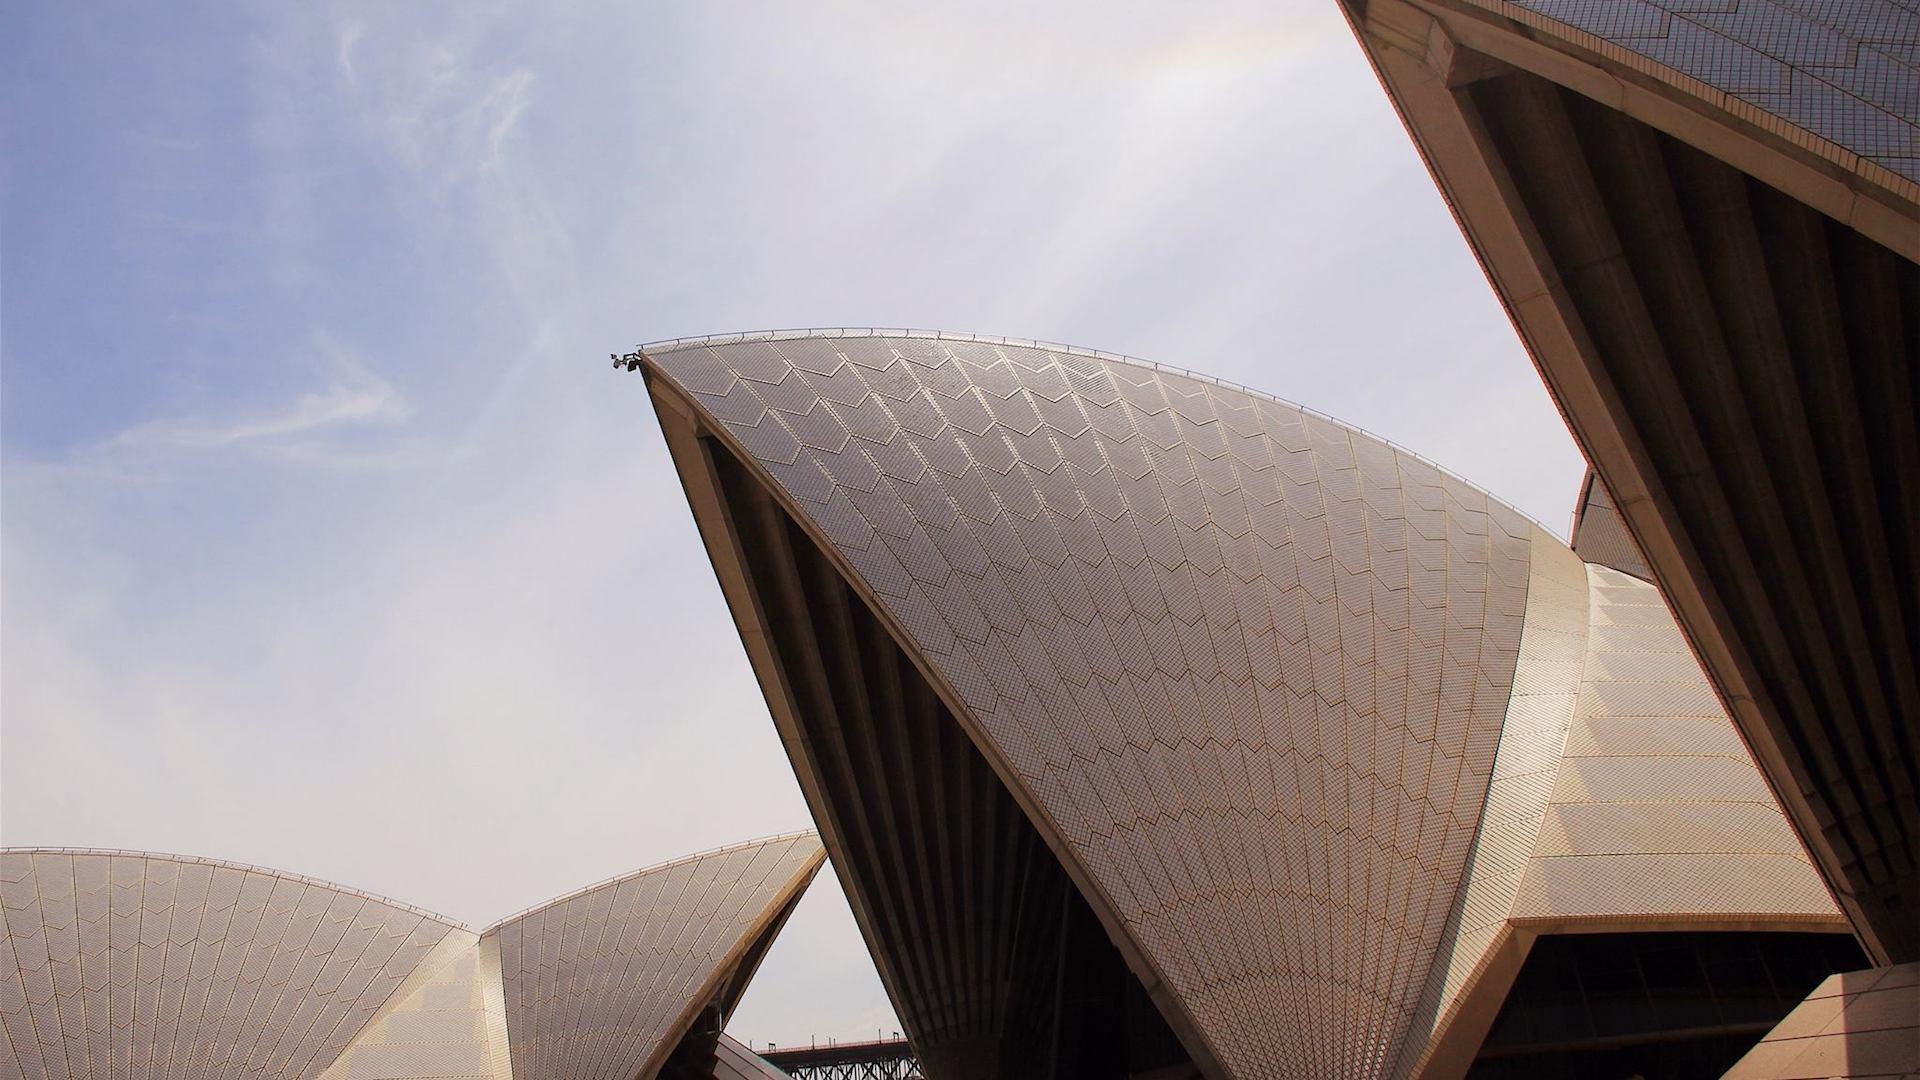 El Opera House de Sídney se renueva y robots ayudarán a controlar su cubierta de azulejos